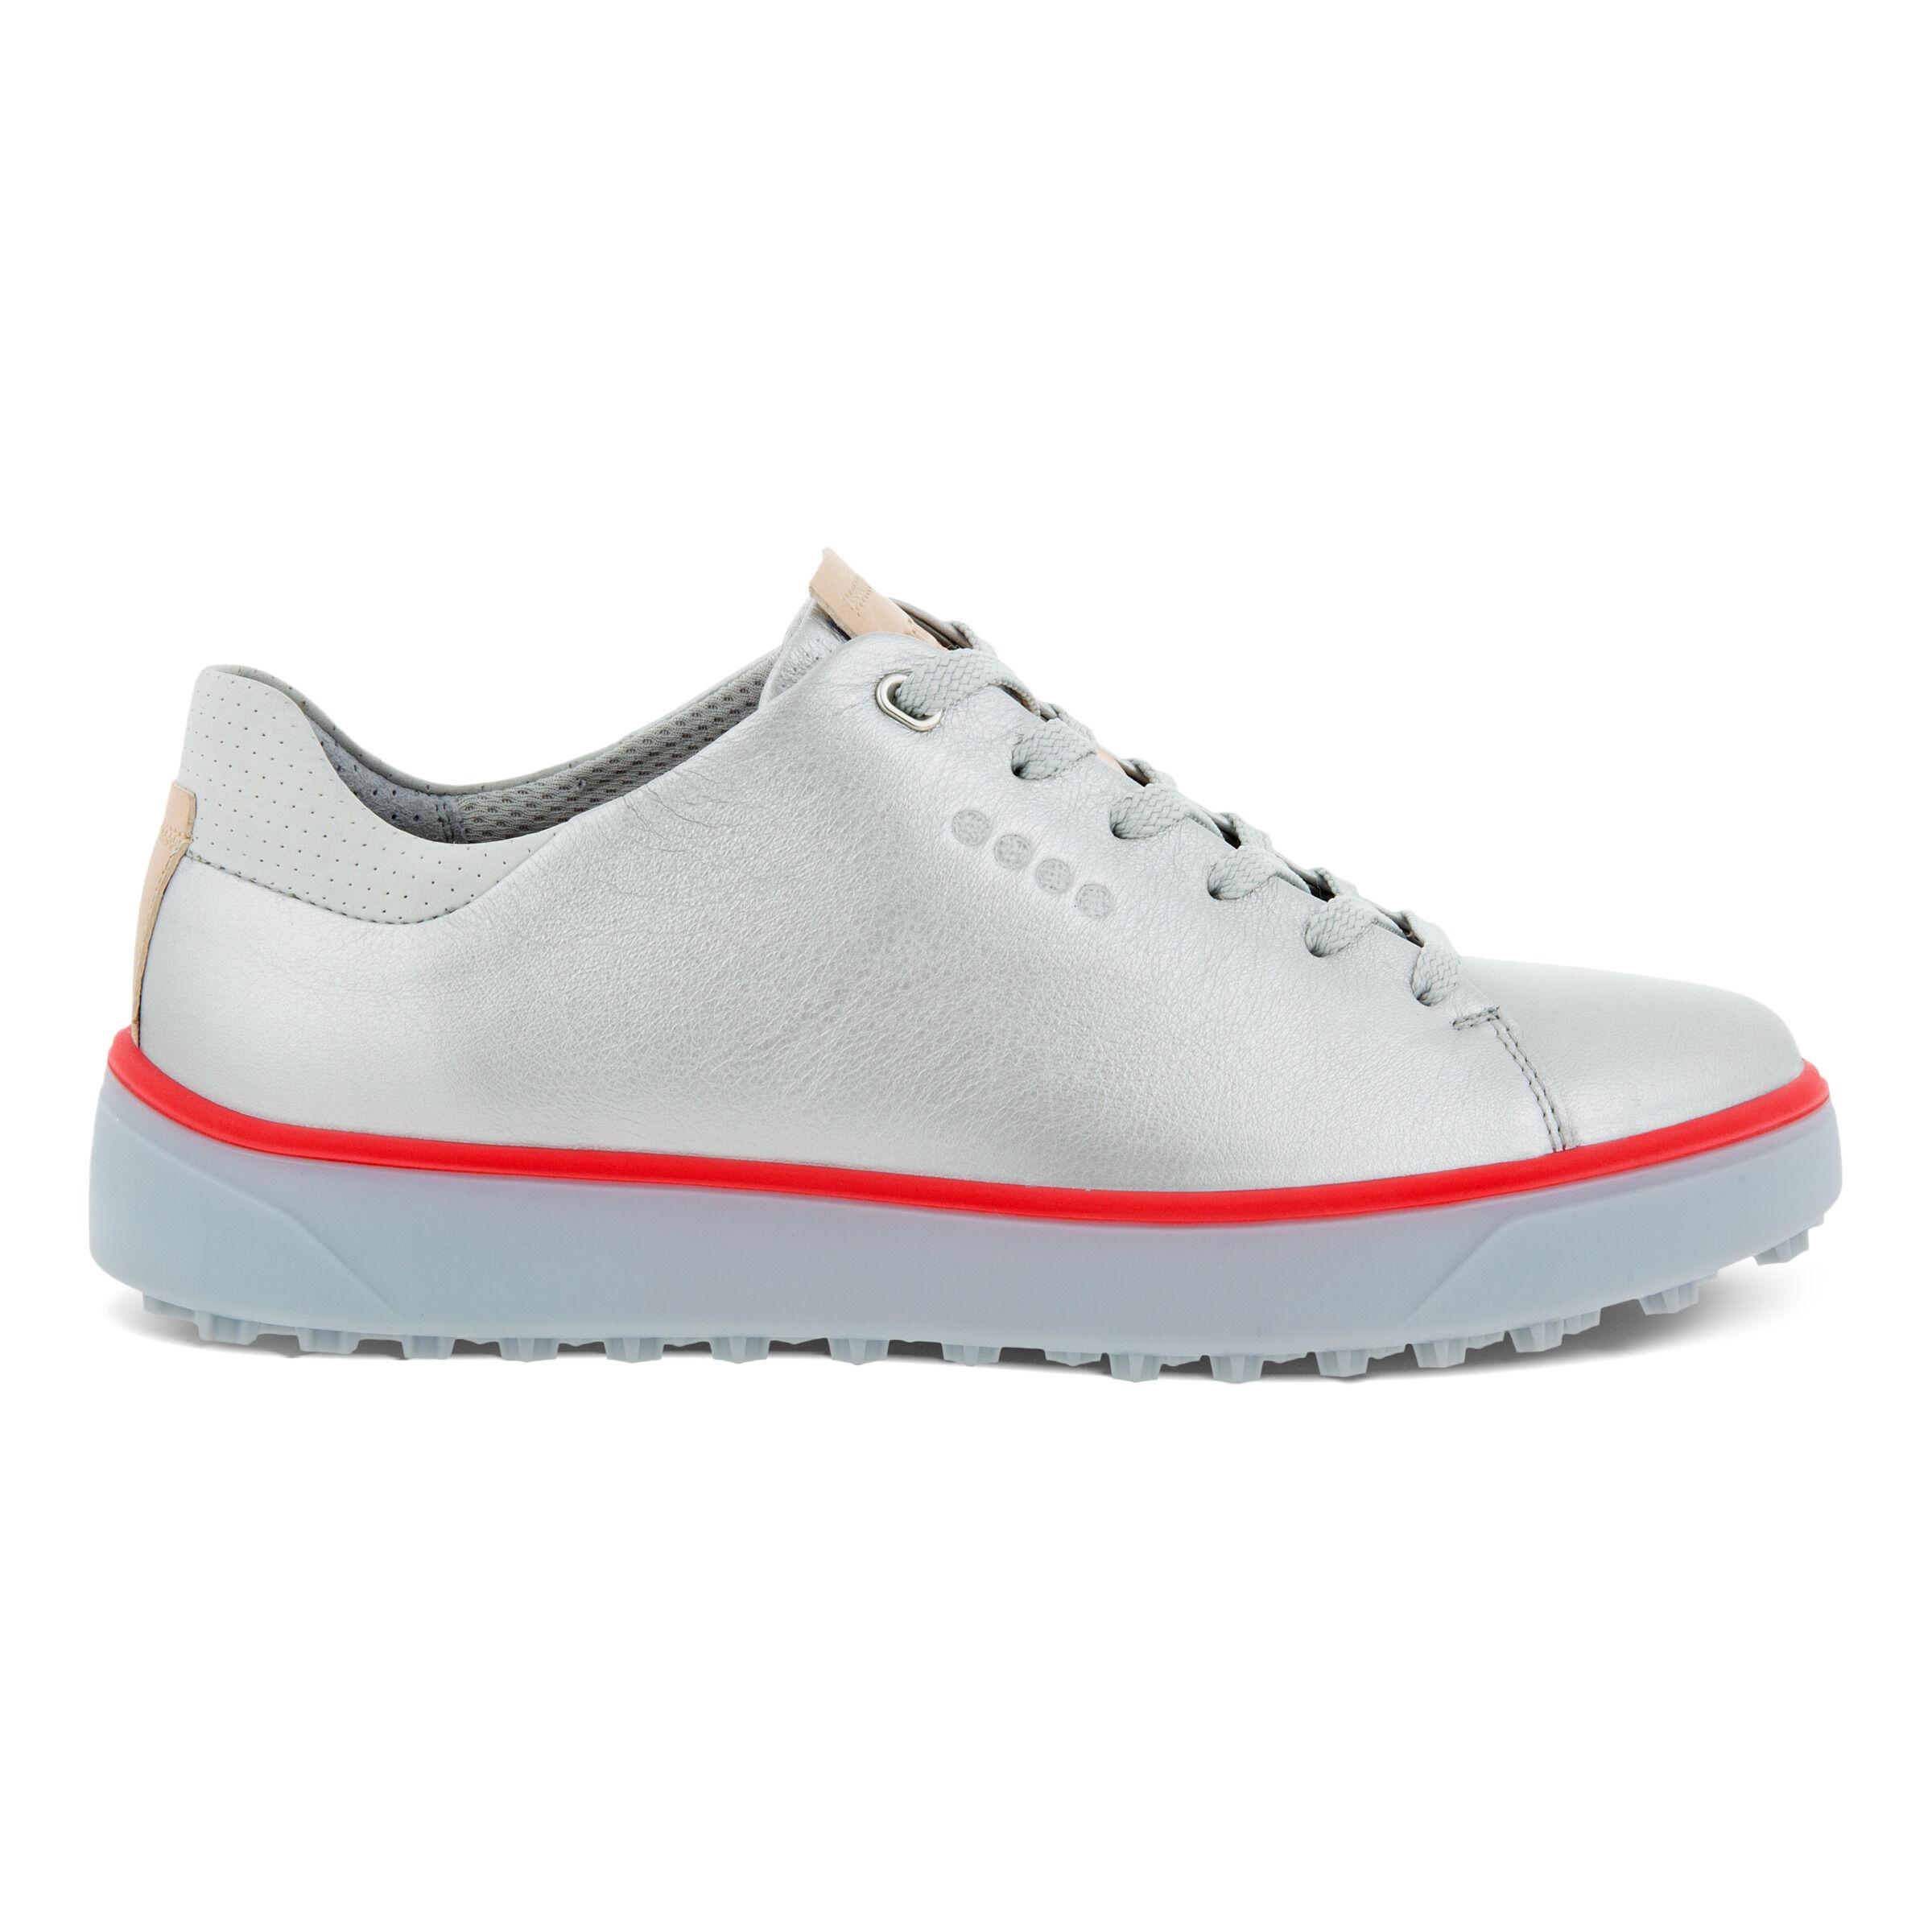 에코 우먼 골프화 ECCO Womens GOLF TRAY Laced Shoes,ALUSILVER